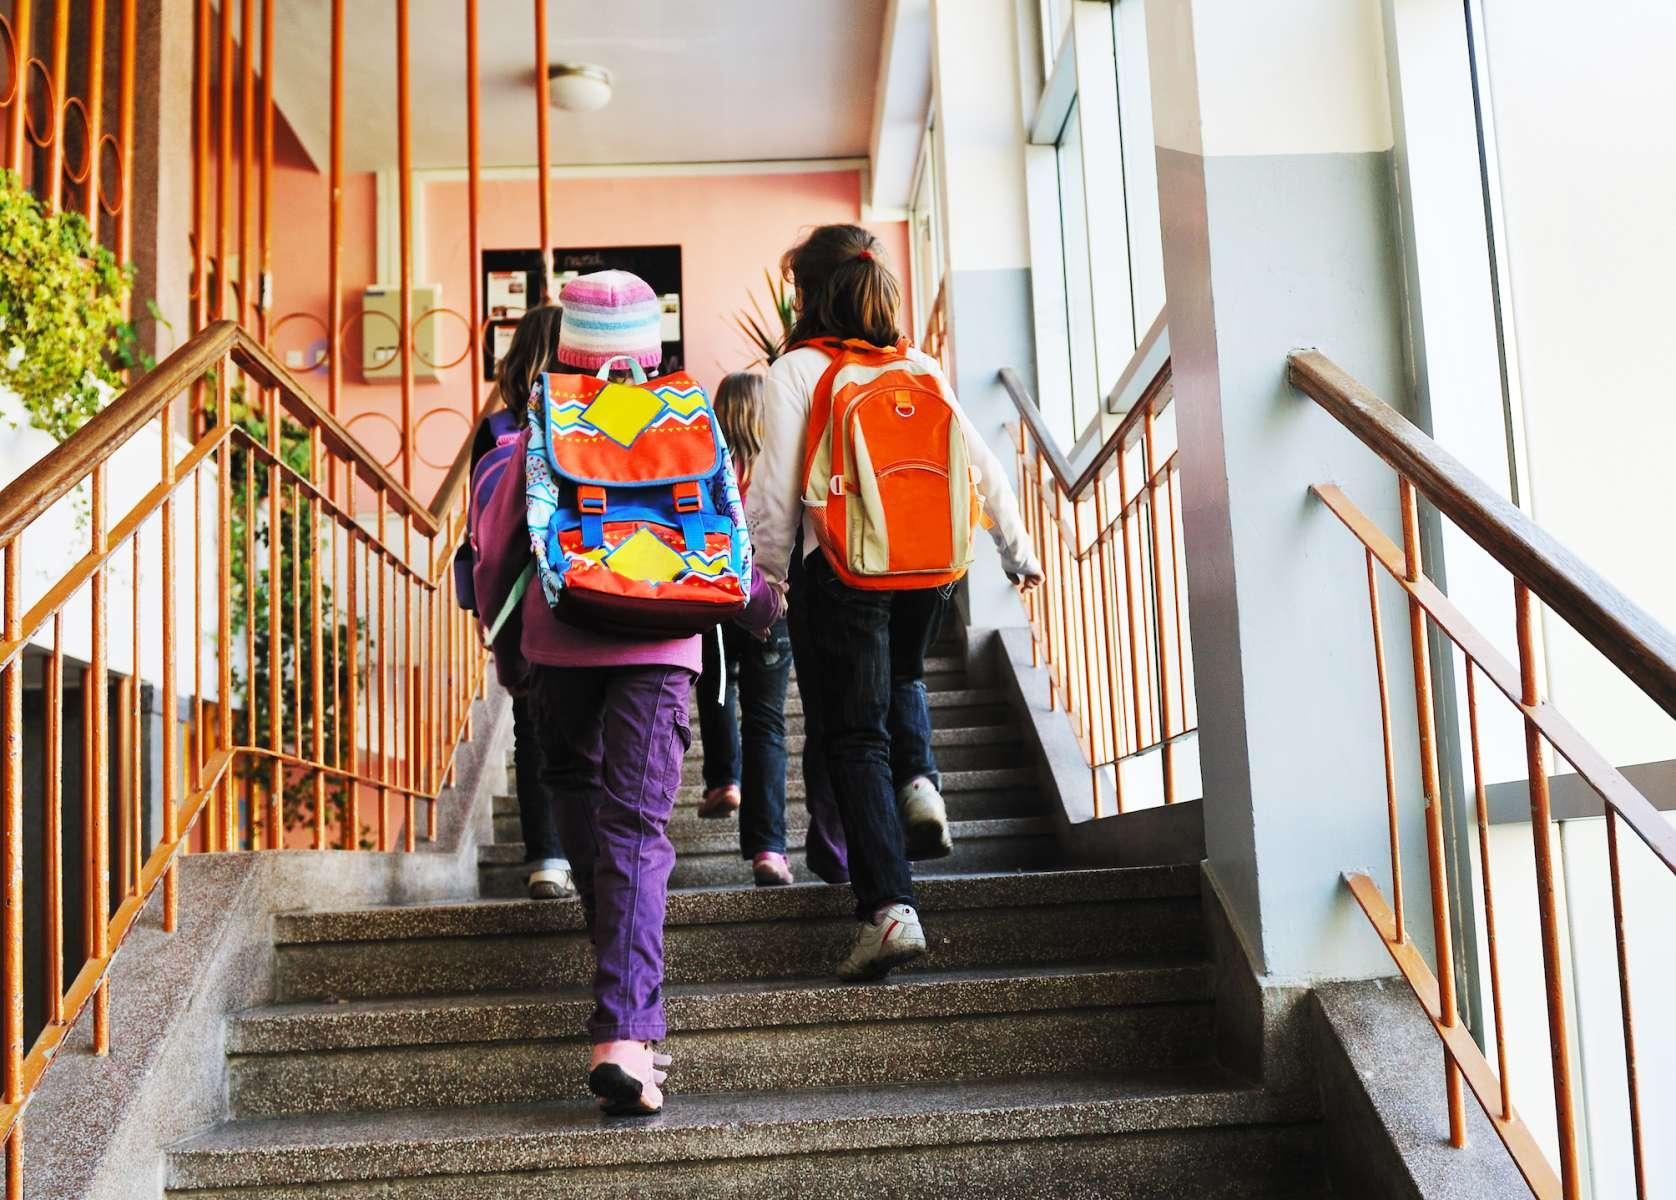 Enseignement : rendre l'école obligatoire dès 5 ans